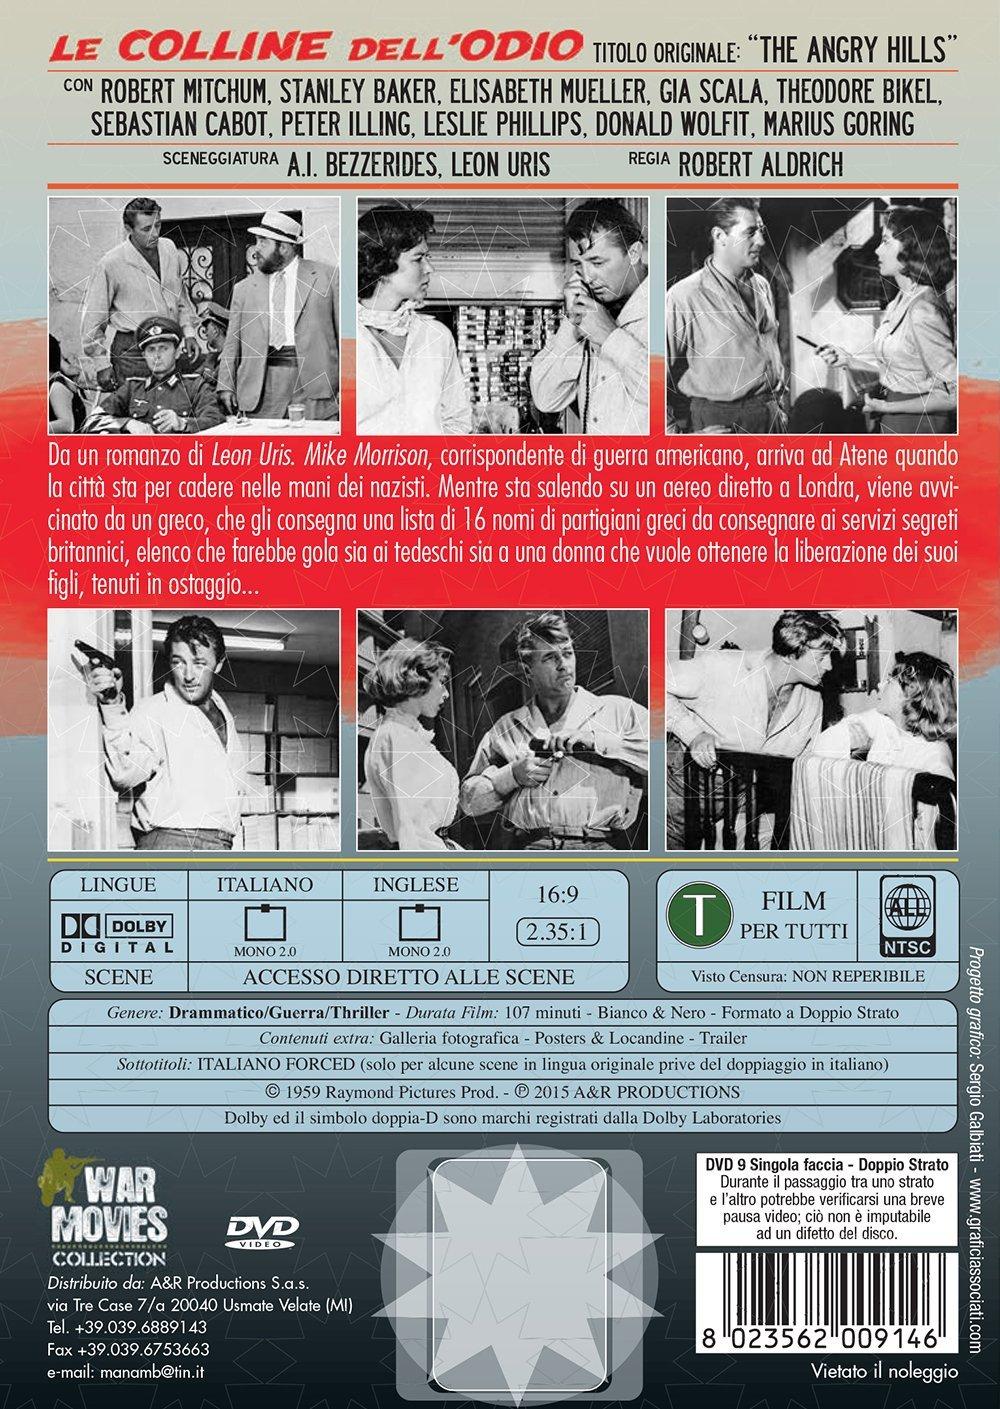 Amazon.com: Le Colline DellOdio [Import anglais]: Movies & TV